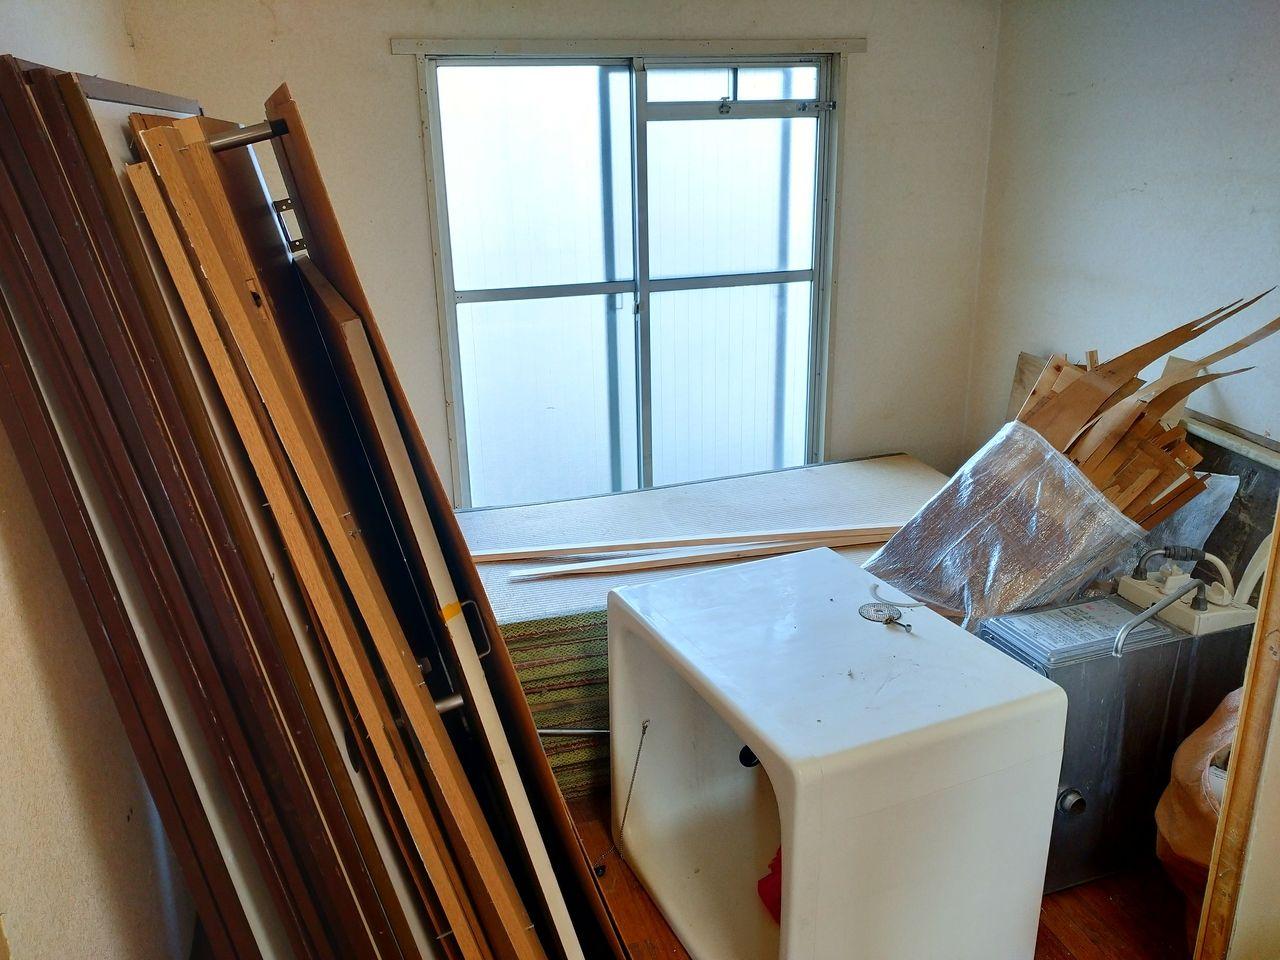 みなさまこんにちは。『第二藤マンションのリノベーション~その3~』の続きです。とうめい引戸が完成しました。下の部屋はどうなっているのでしょうか?ちなみにこの部屋も蓮根サニーハウスと同じで、DIY可能物件として貸し出す予定です。